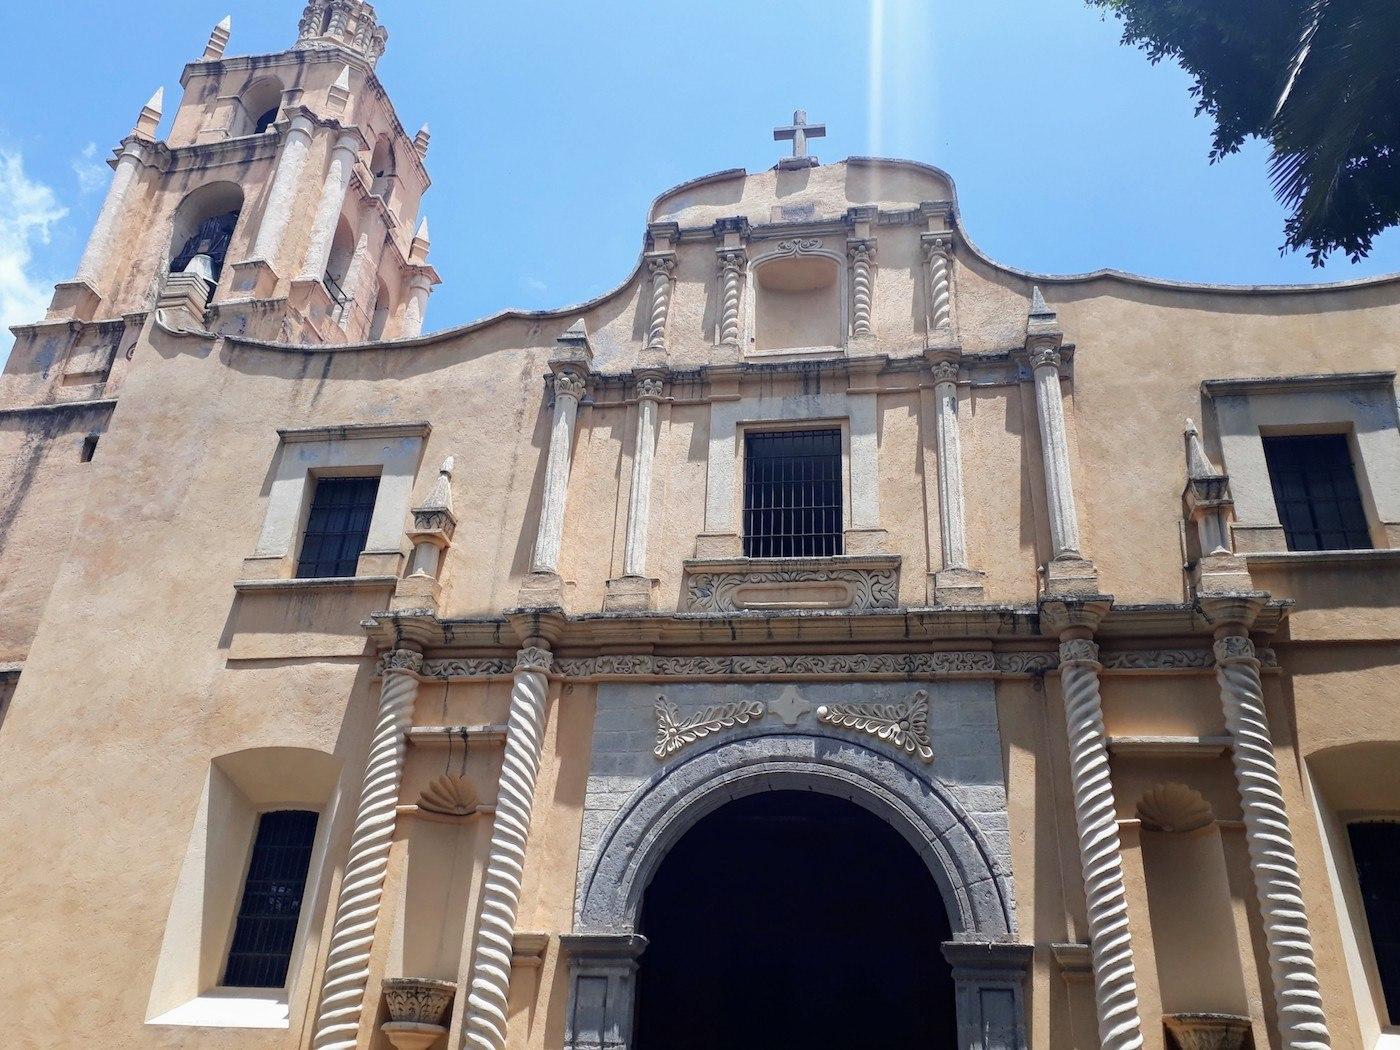 Parroquia San Agustin de las cuevas